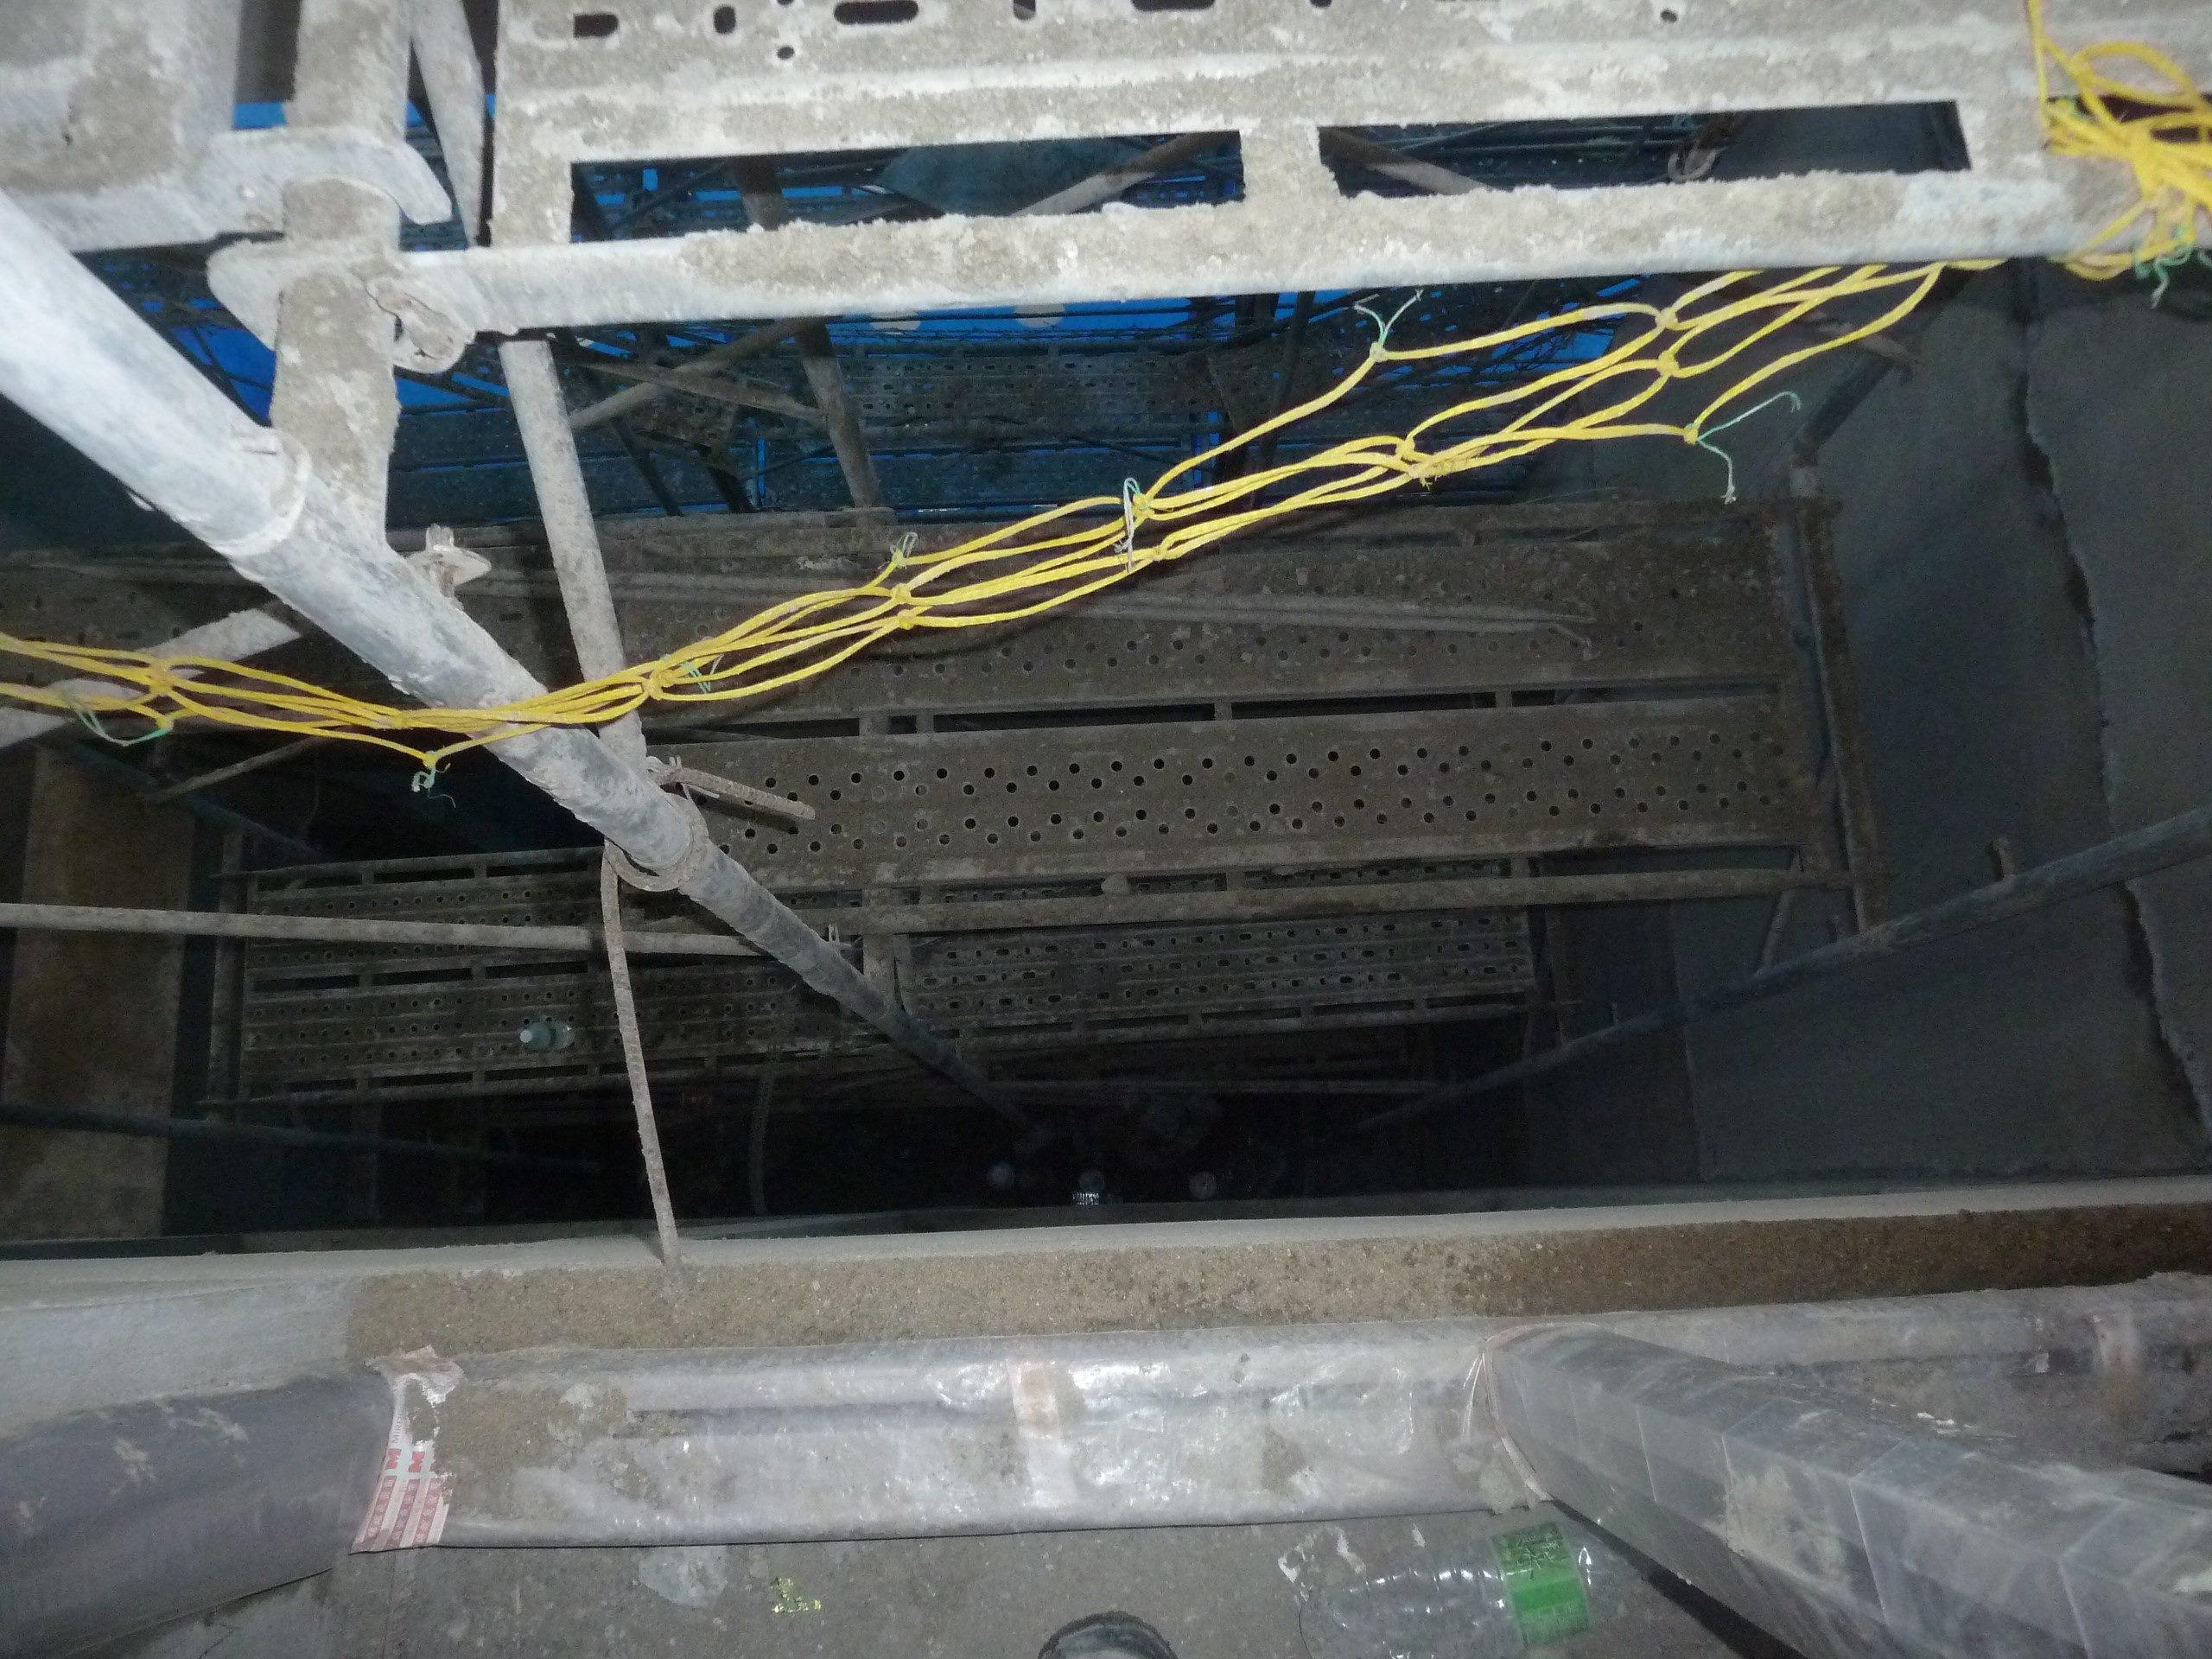 住宅新建工程外牆施工架開口未設防護設備